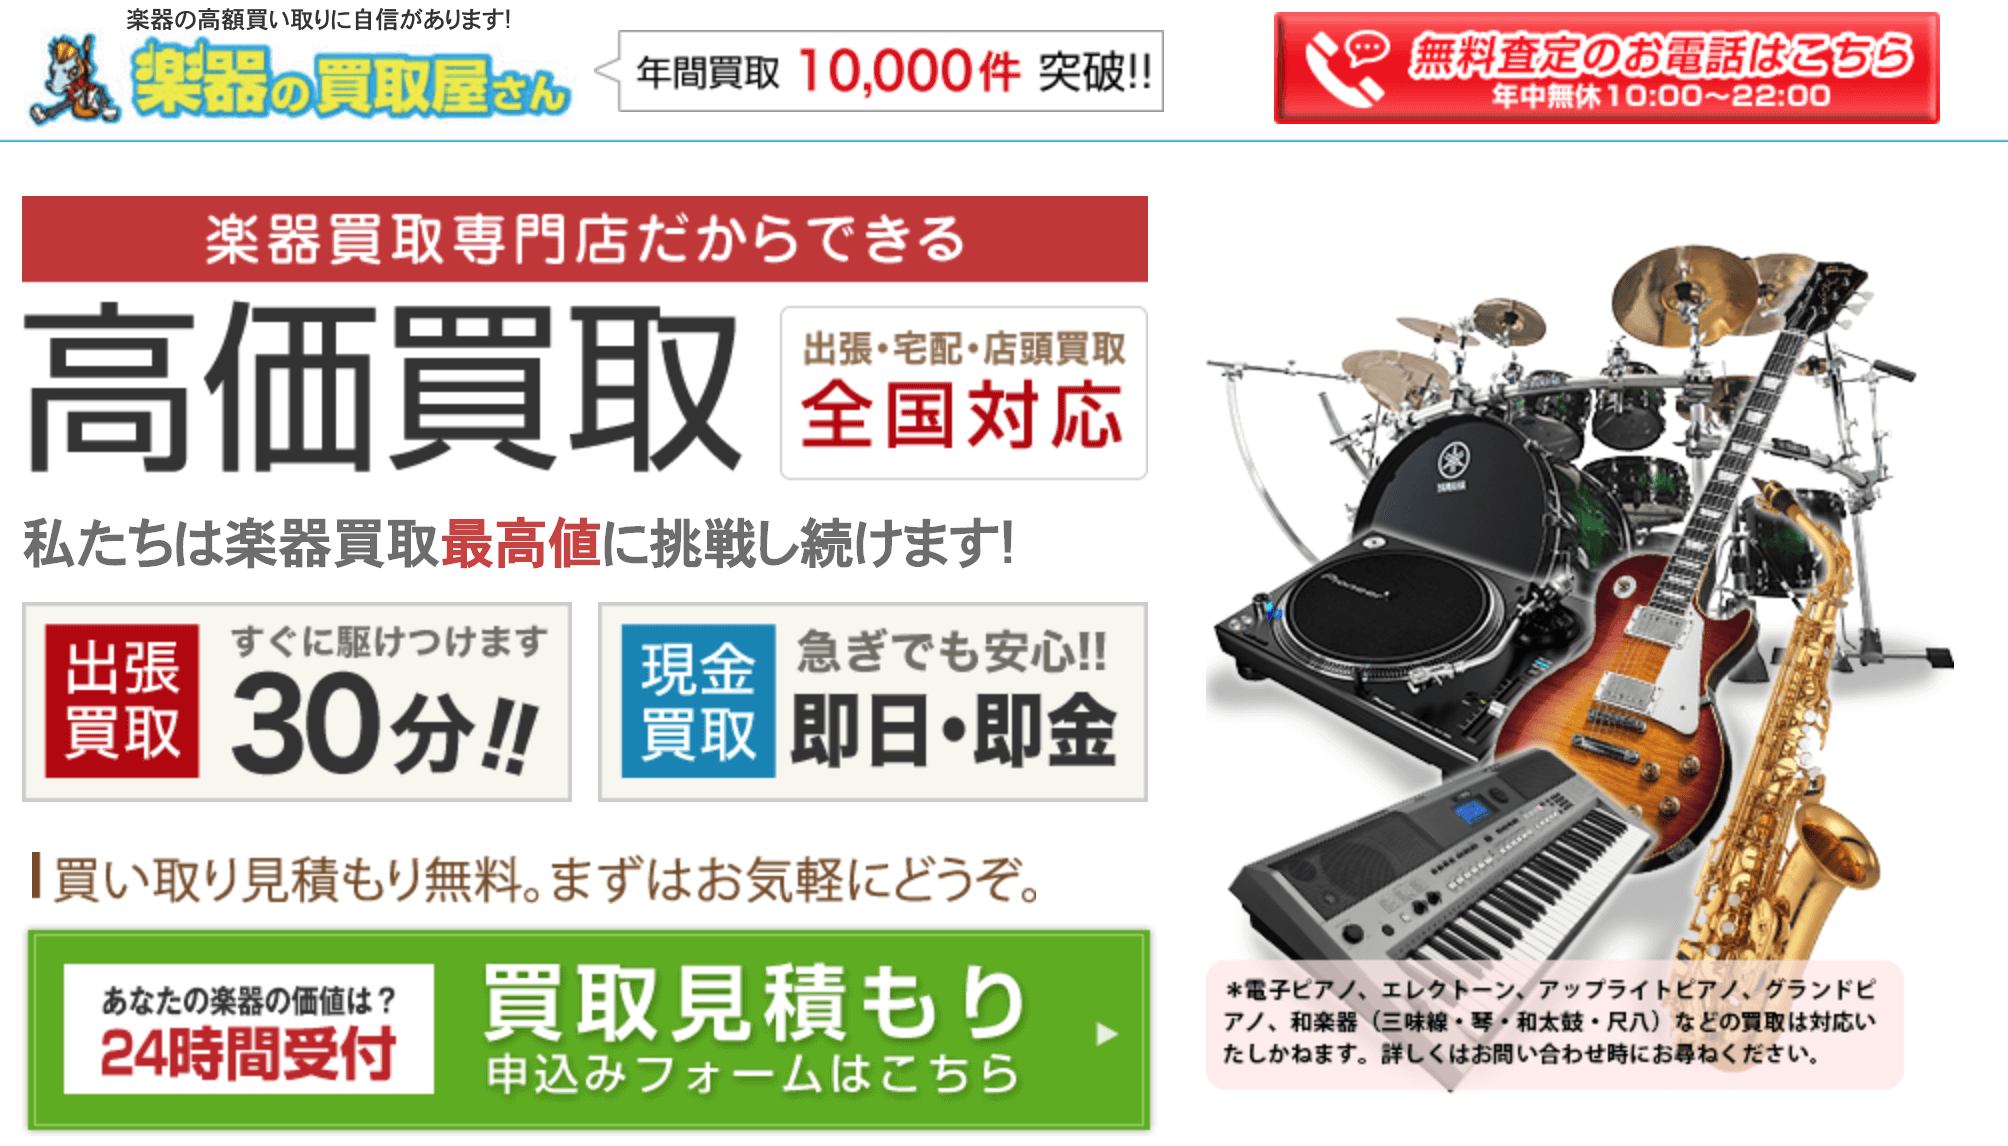 楽器の買取屋さんの公式サイト